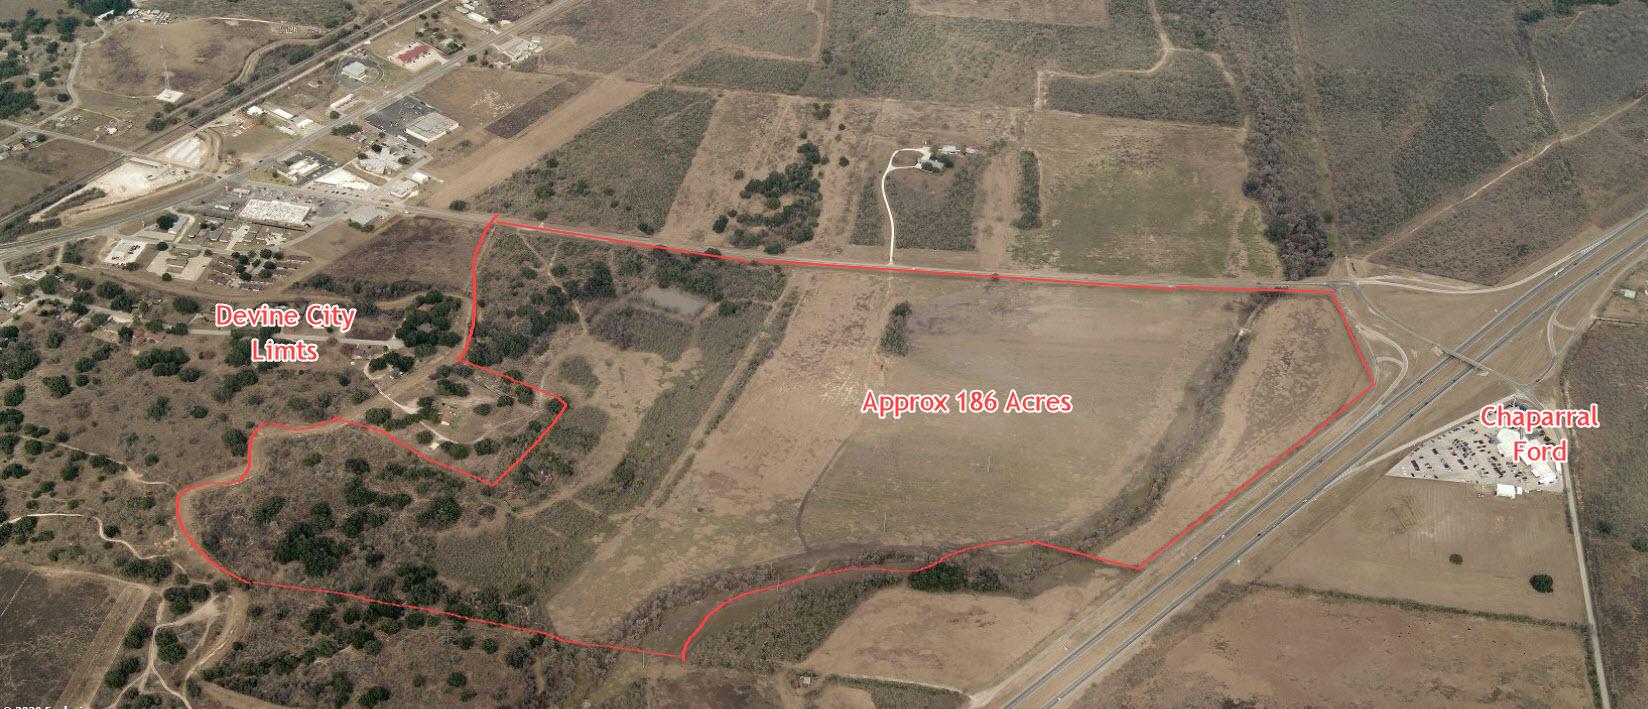 186 Acres – Devine, Texas